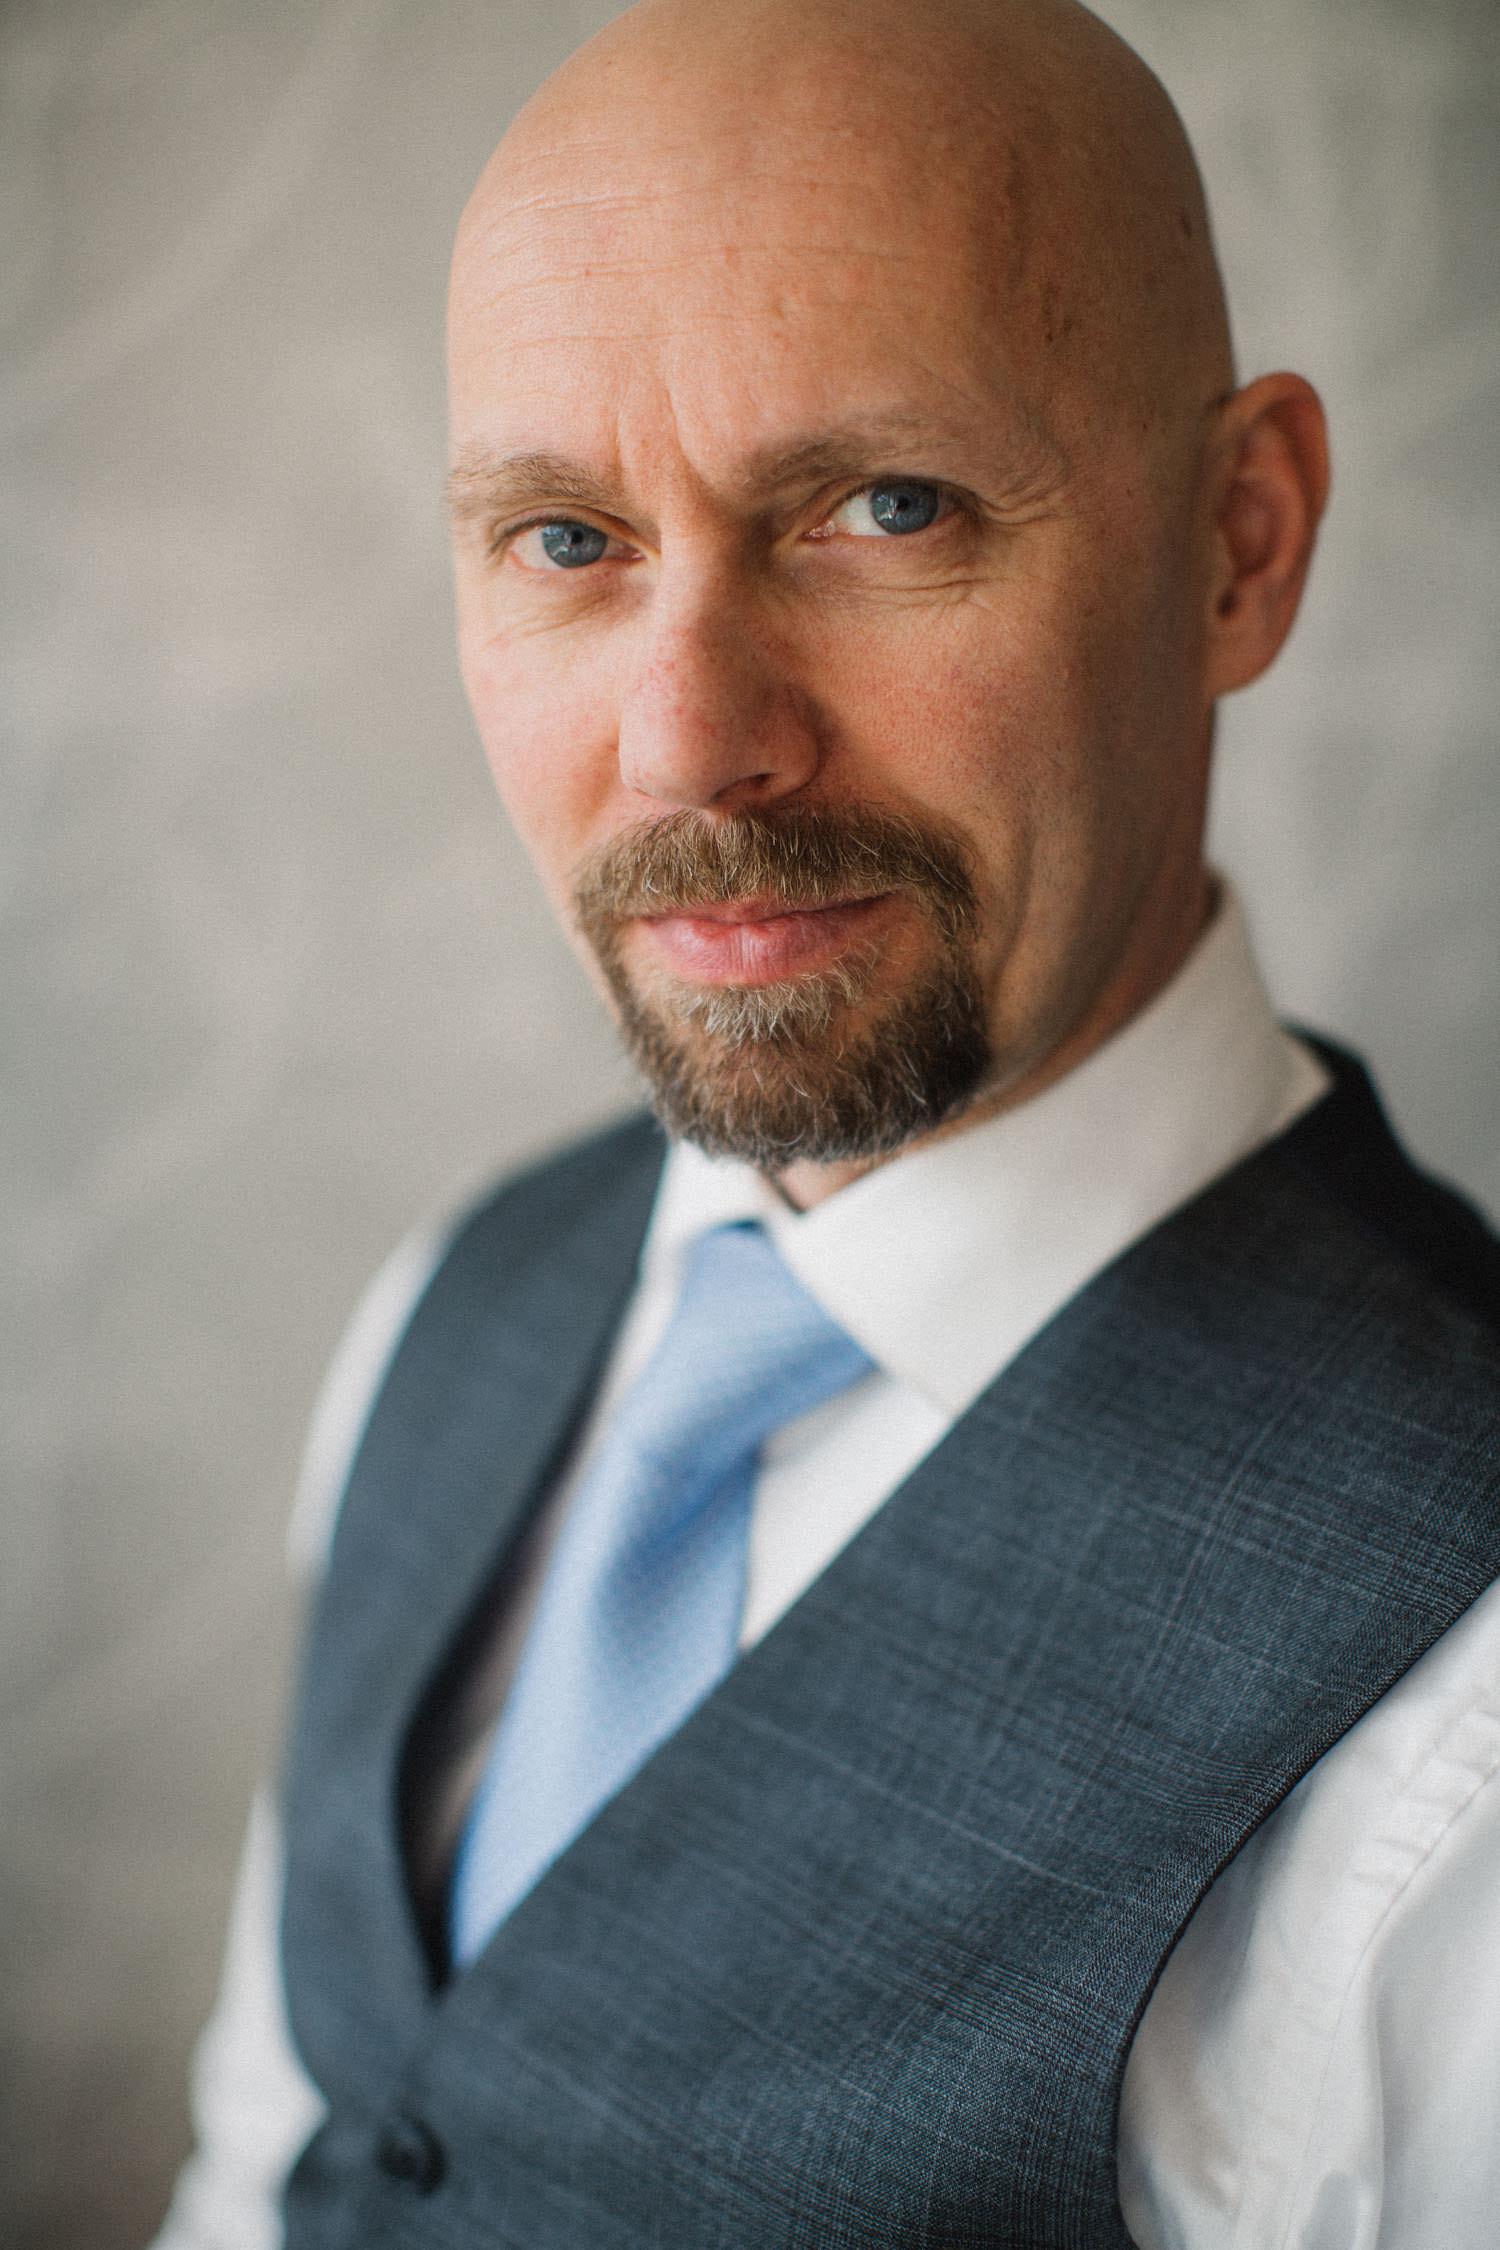 Porträtt på Thomas Näslund, studio. Foto: Tove Lundquist.